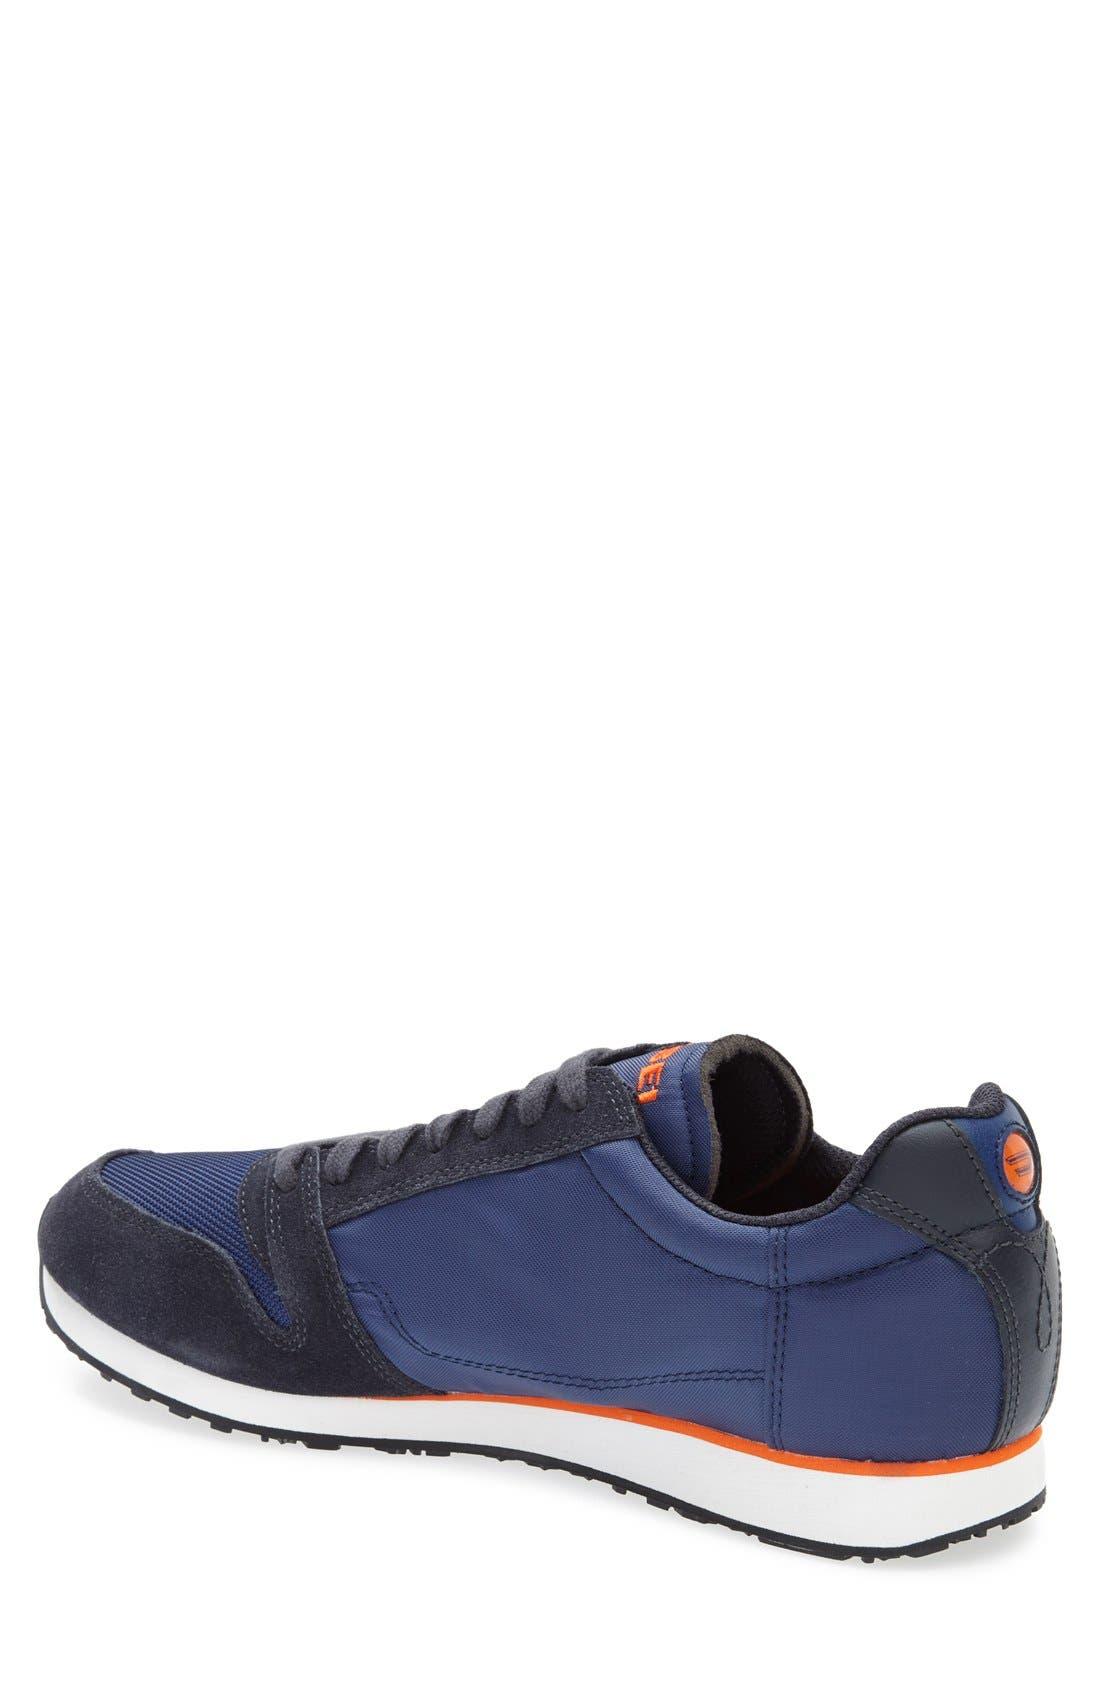 'Black Jake Slocker' Sneaker,                             Alternate thumbnail 4, color,                             400